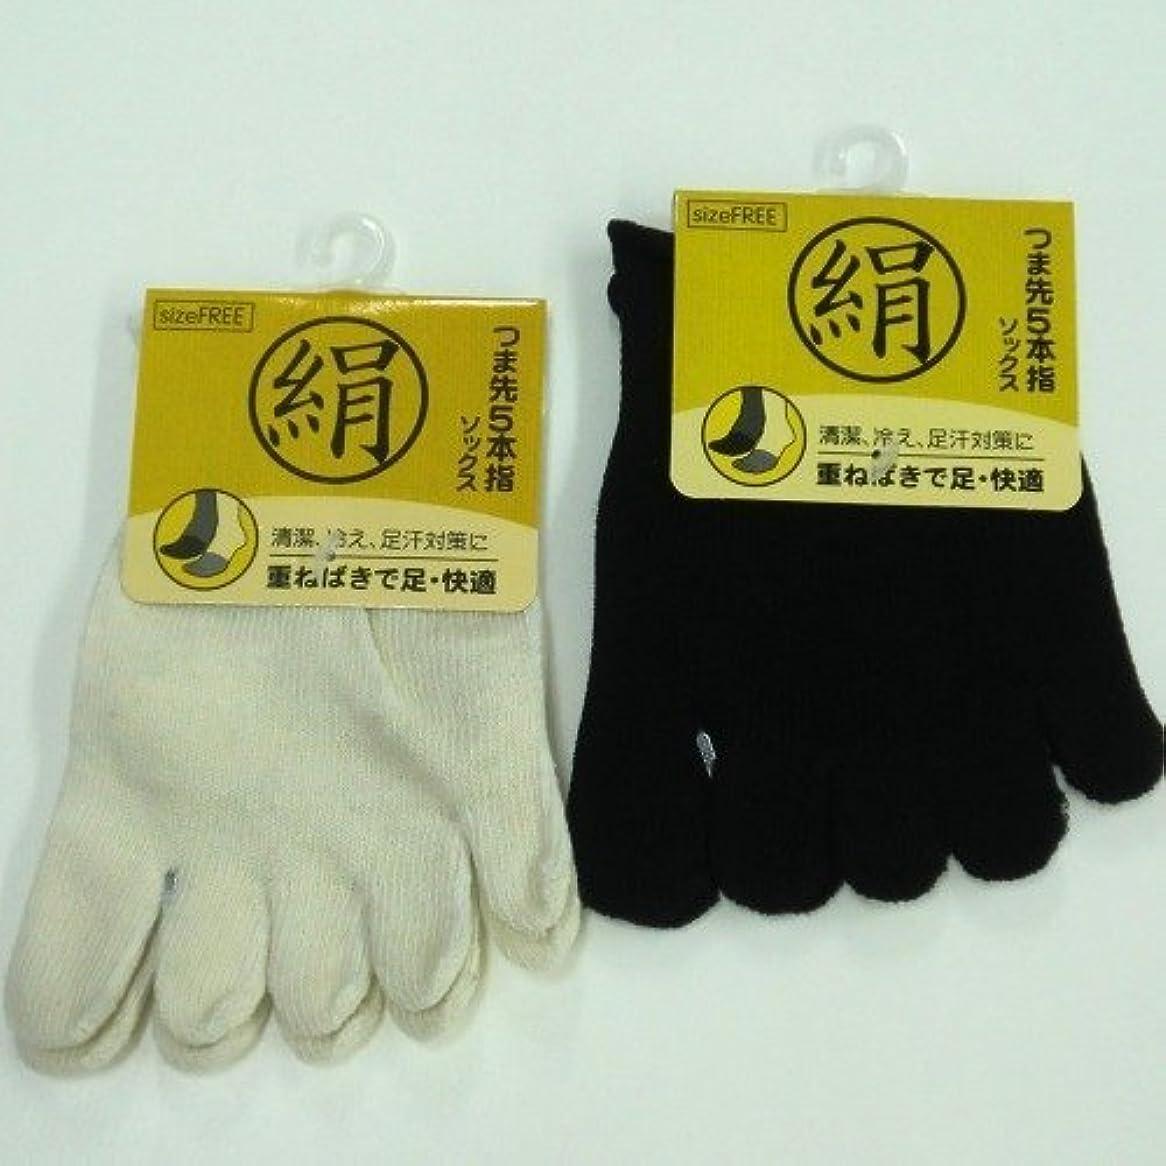 ロデオサンプルミットシルク 5本指ハーフソックス 足指カバー 天然素材絹で抗菌防臭 4足組